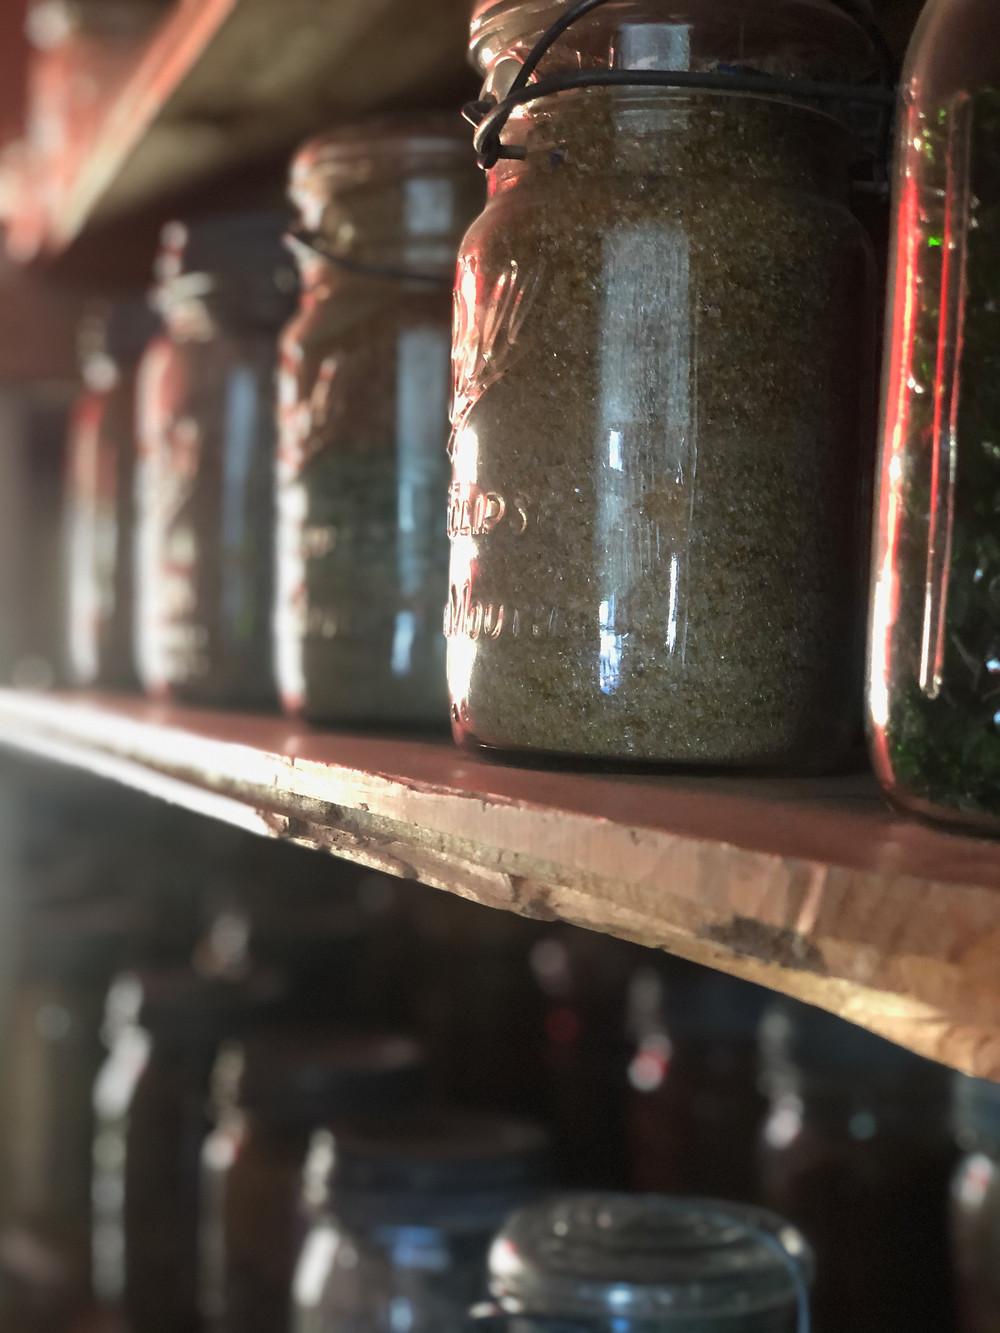 Canfruit jar, Canned fruit jar, glass jar, shelves